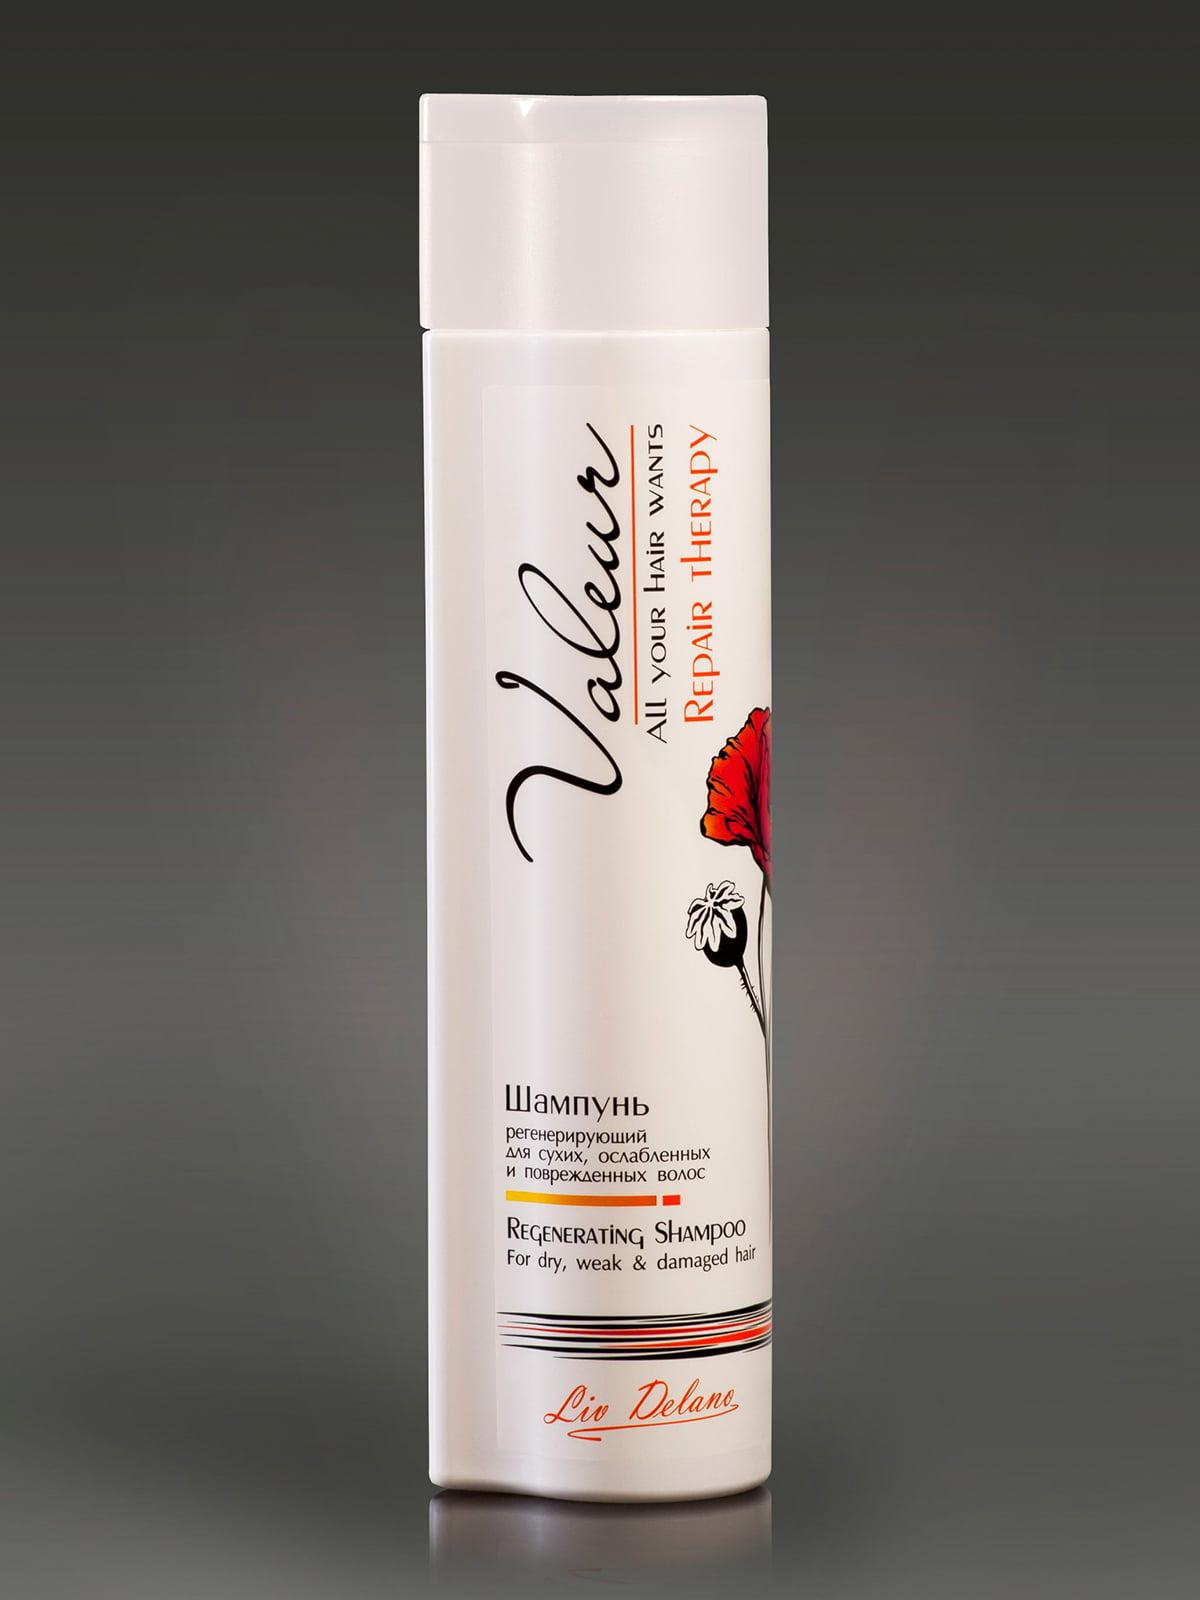 Шампунь регенерирующий для сухих, ослабленных и поврежденных волос (350 г)   4763567